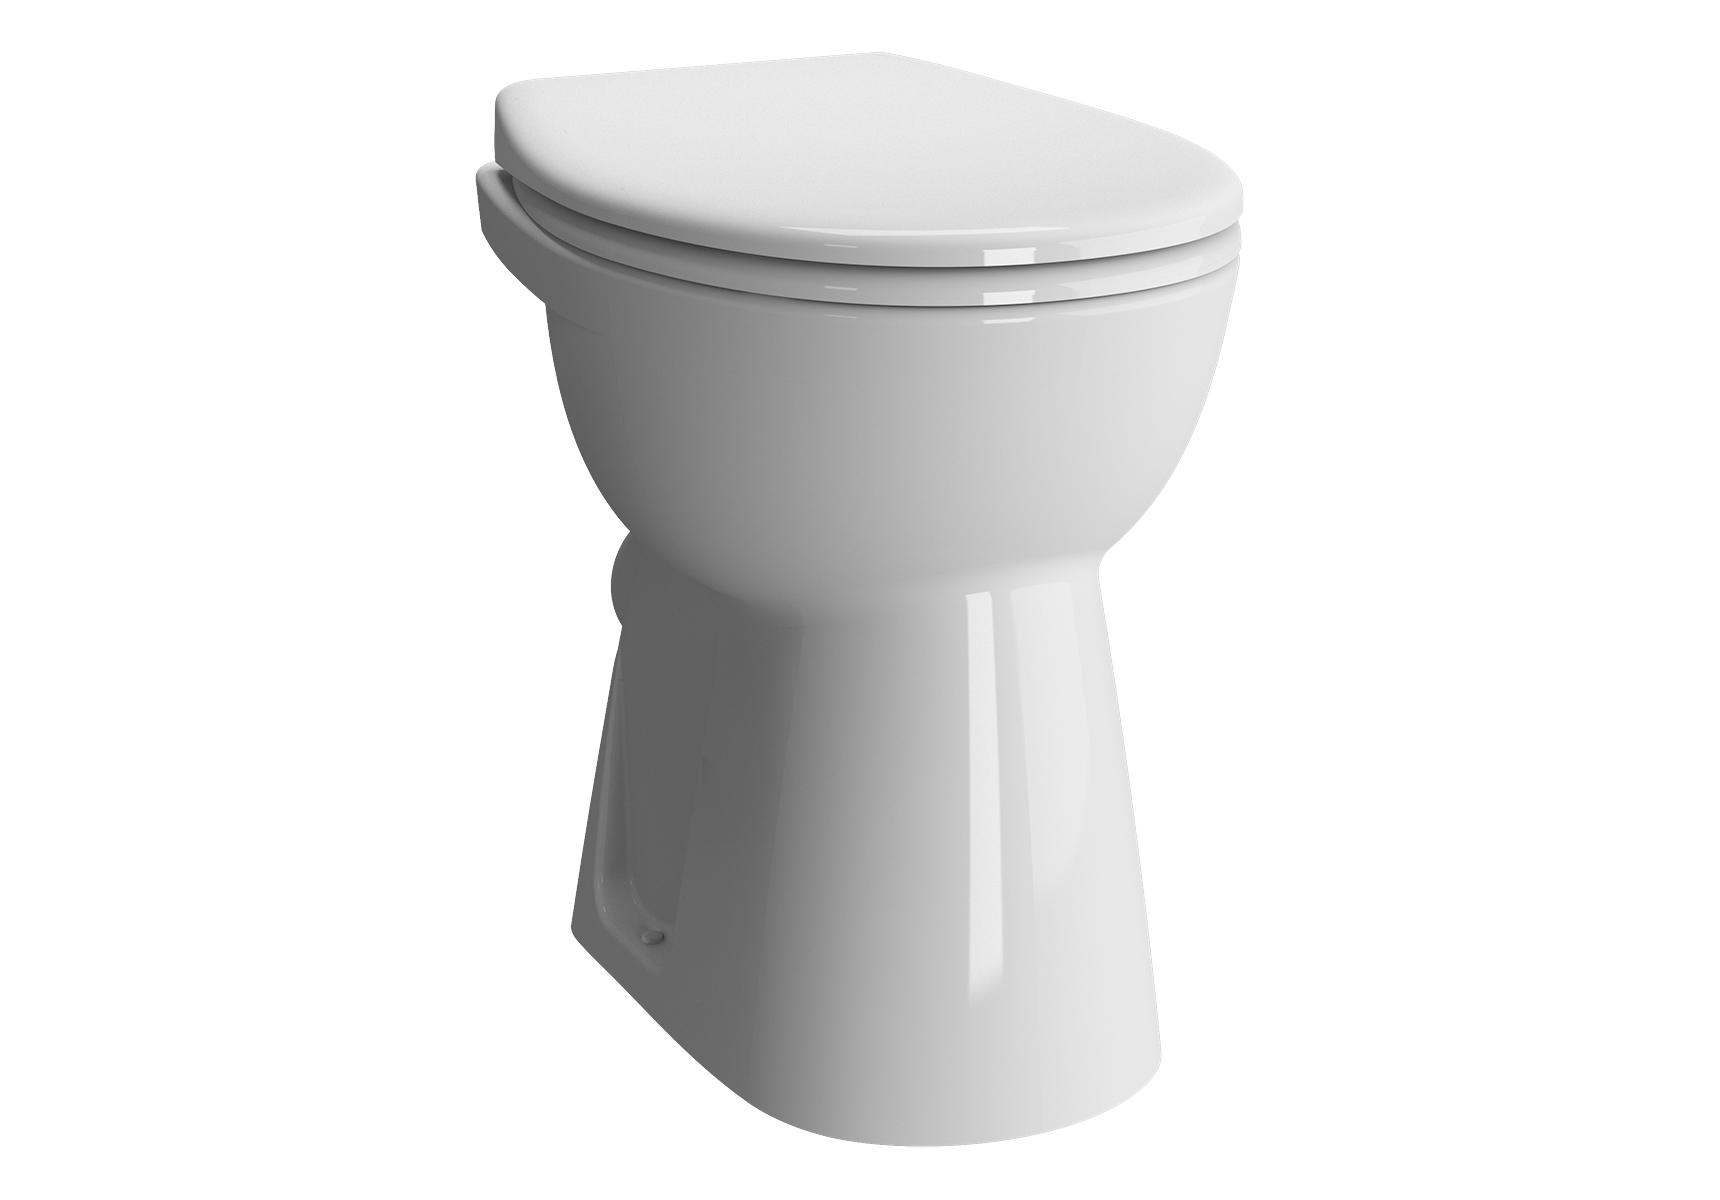 Conforma WC à poser PMR avec bride, 48,5 cm, à fond plat, S / H